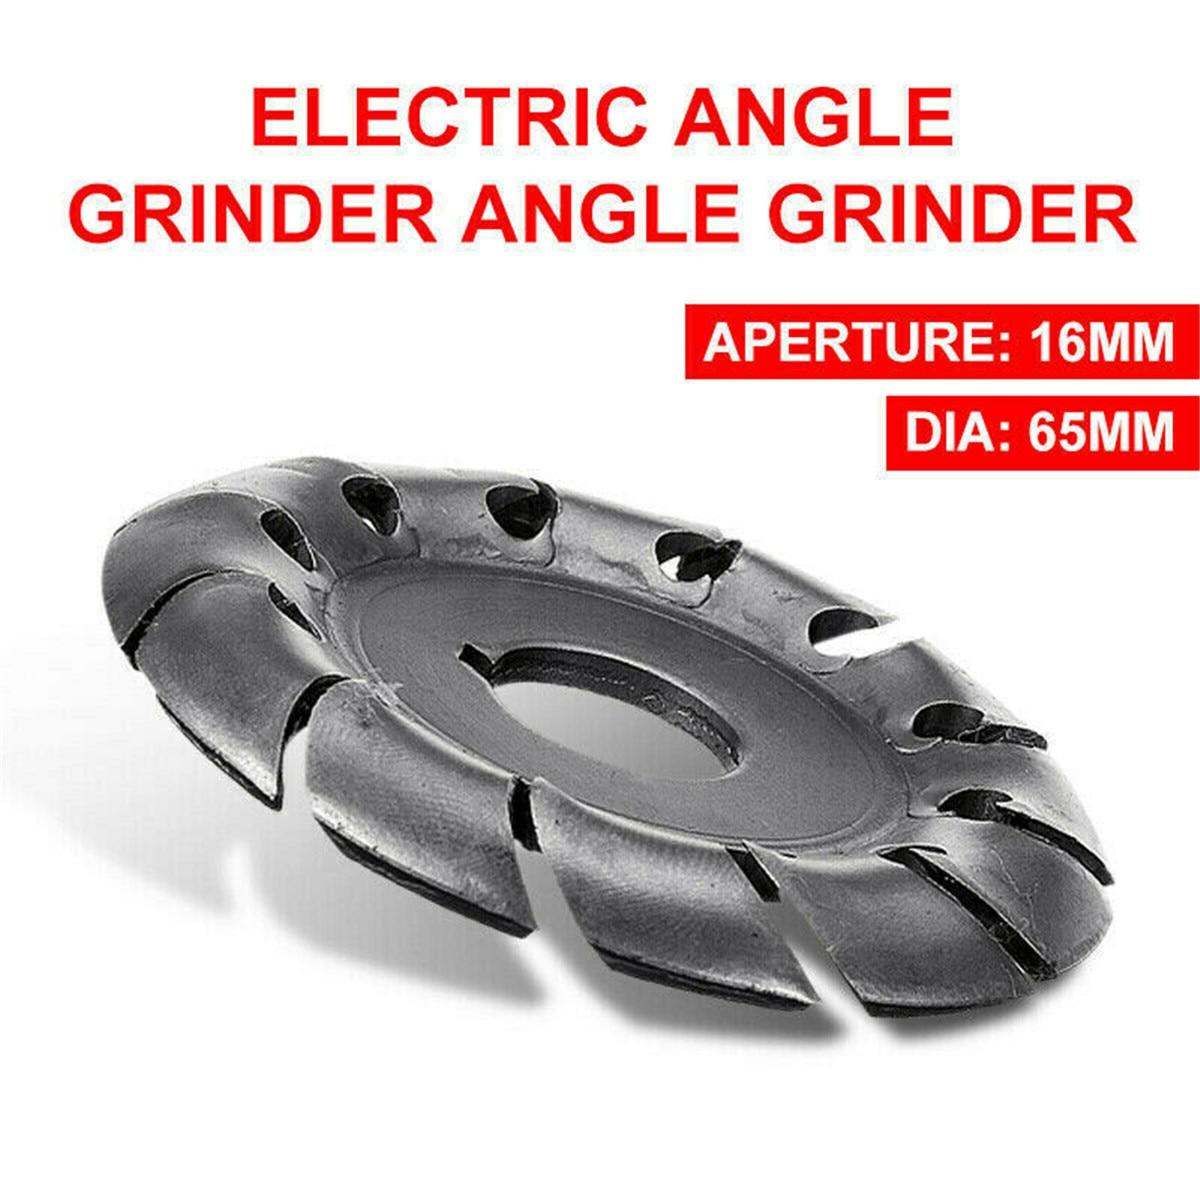 65mmx16mm Saw Blades Circular Carbide Wood Cutter Saw Blade For Angle Grinder Saw Disc Cutting Wood Circular Saw Blades